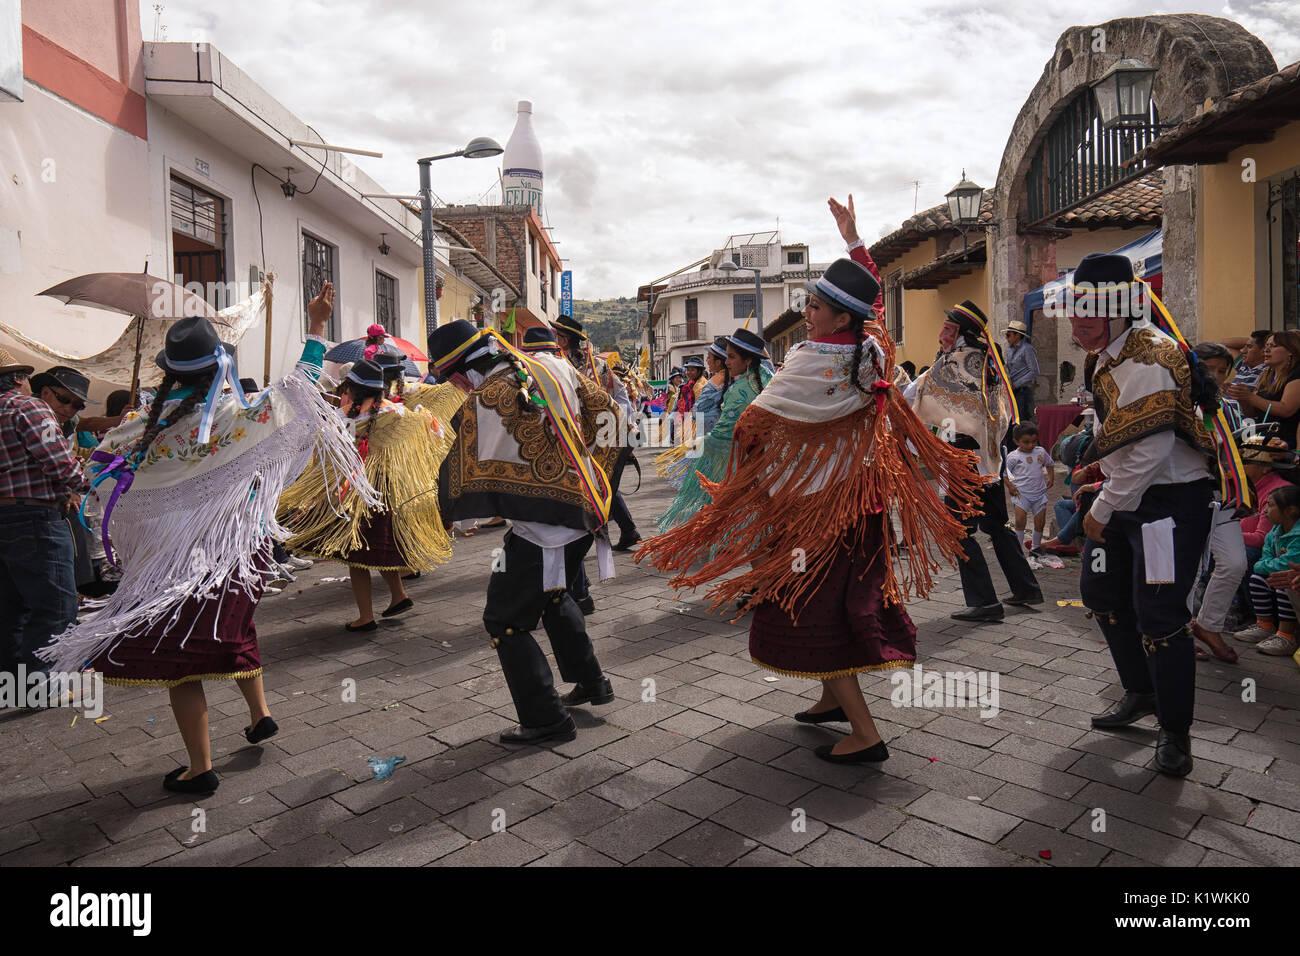 El 17 de junio de 2017, Ecuador: Pujili bailarines tradicionales actuando en el desfile del Corpus Christi Imagen De Stock